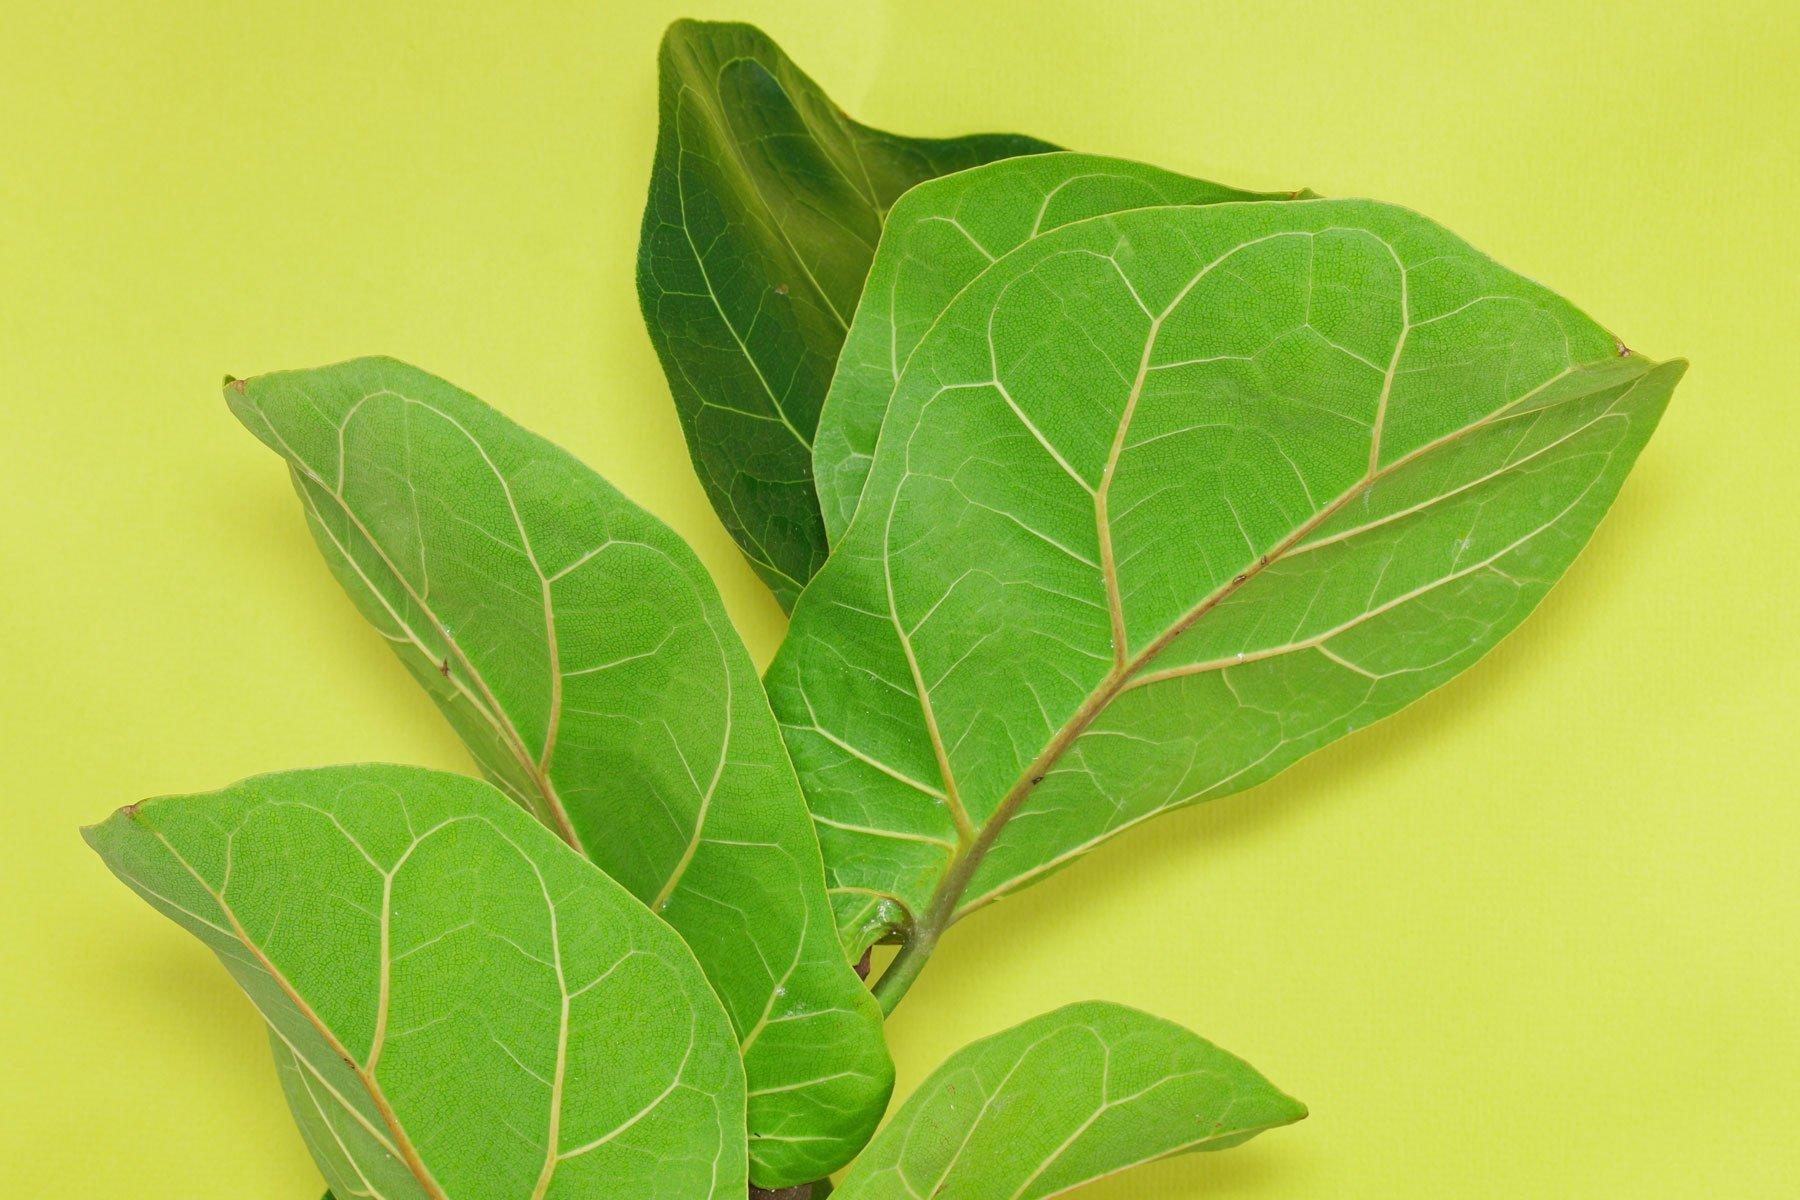 Geigenfeige Blätter